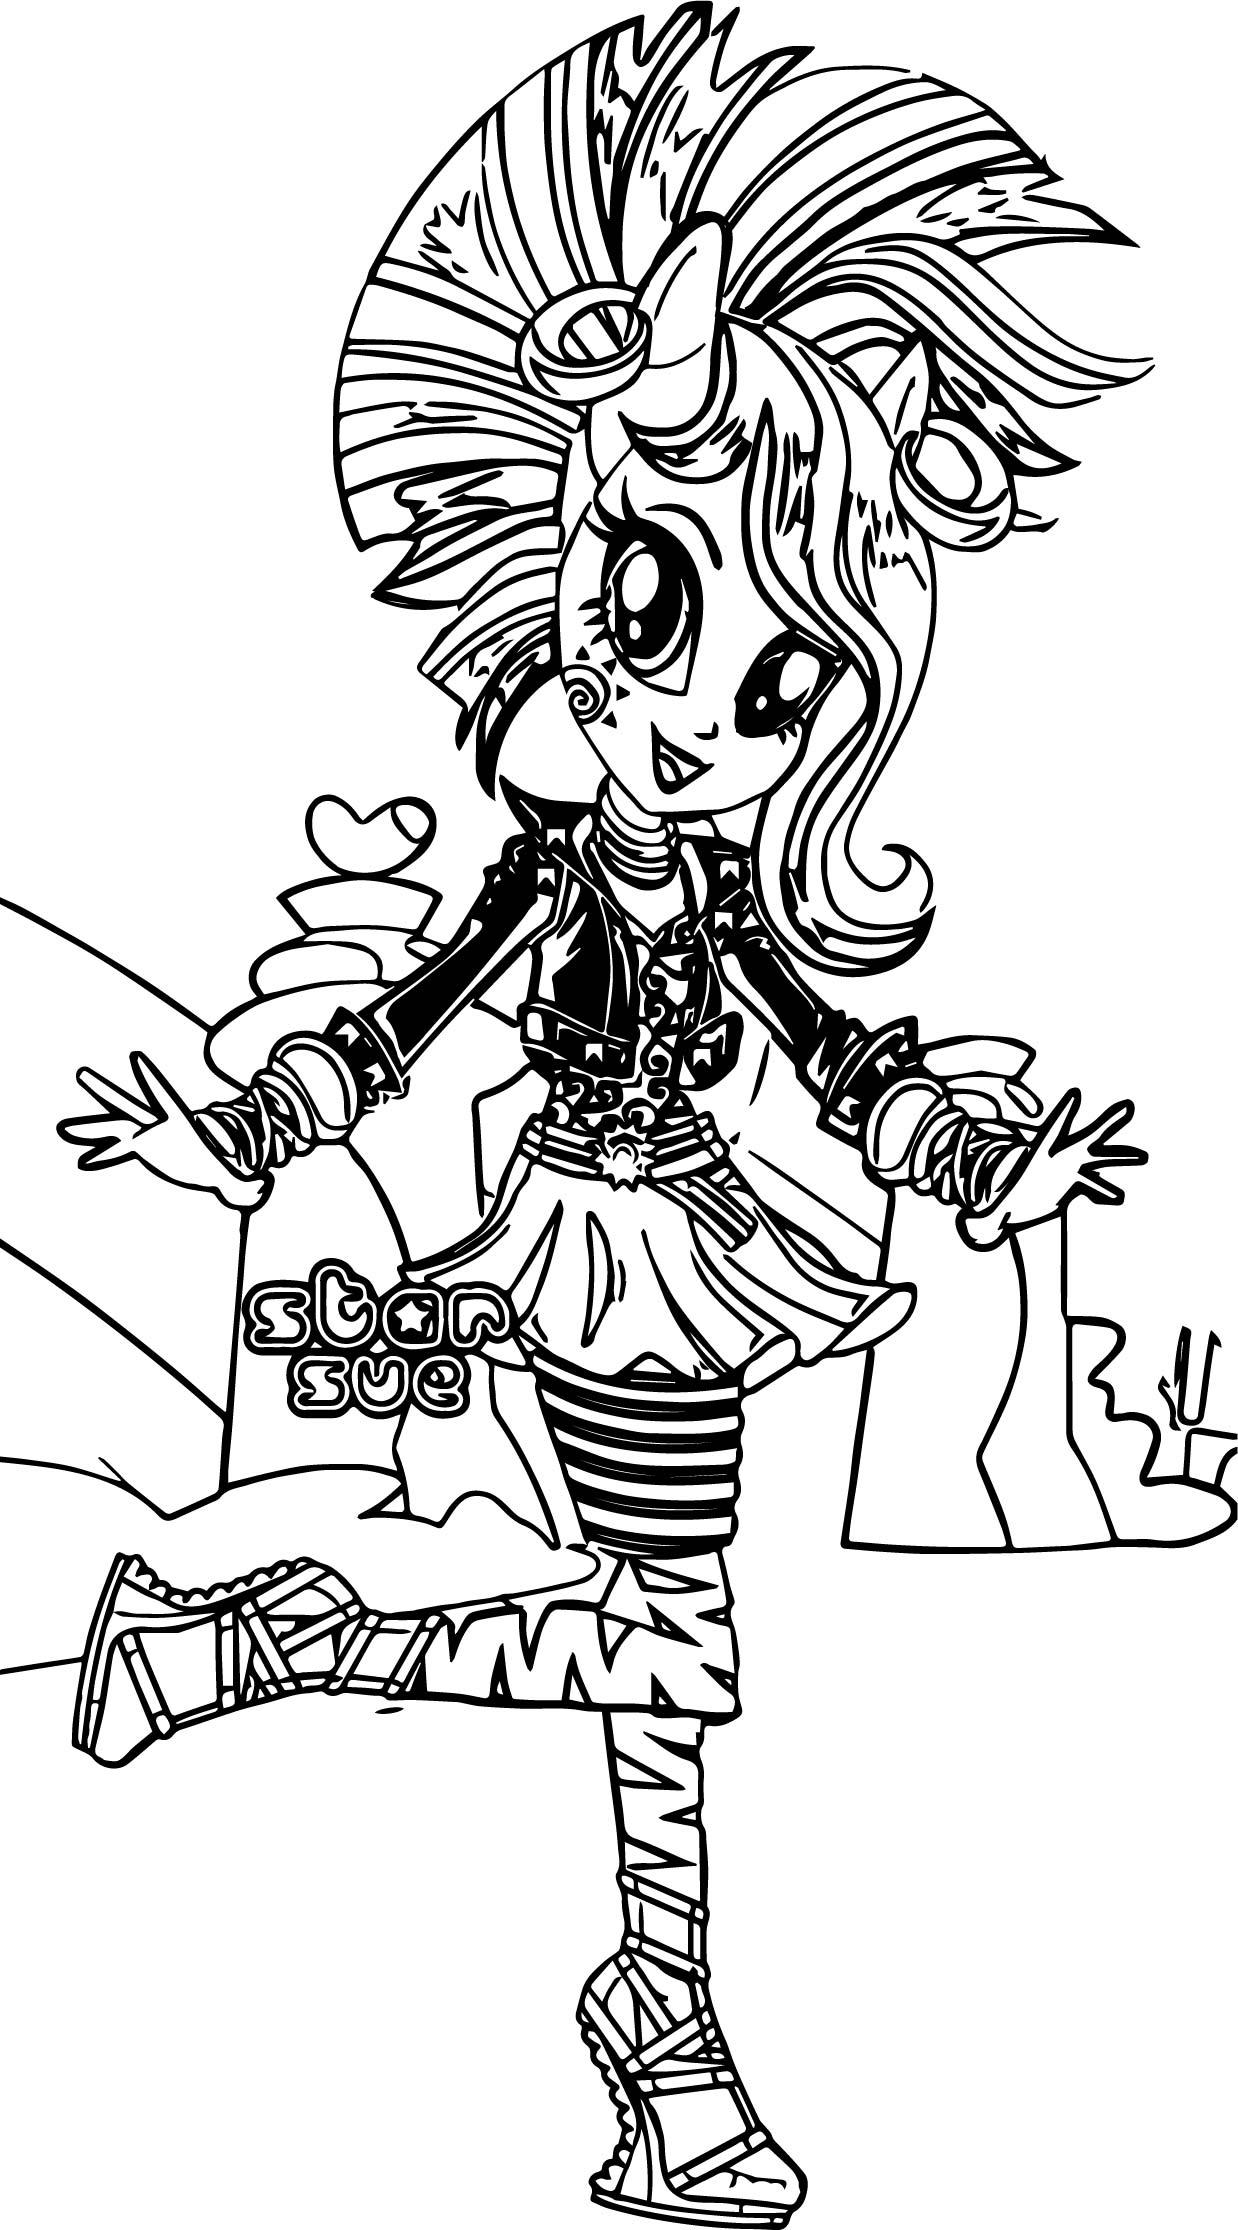 Zecora Star Sue Coloring Page